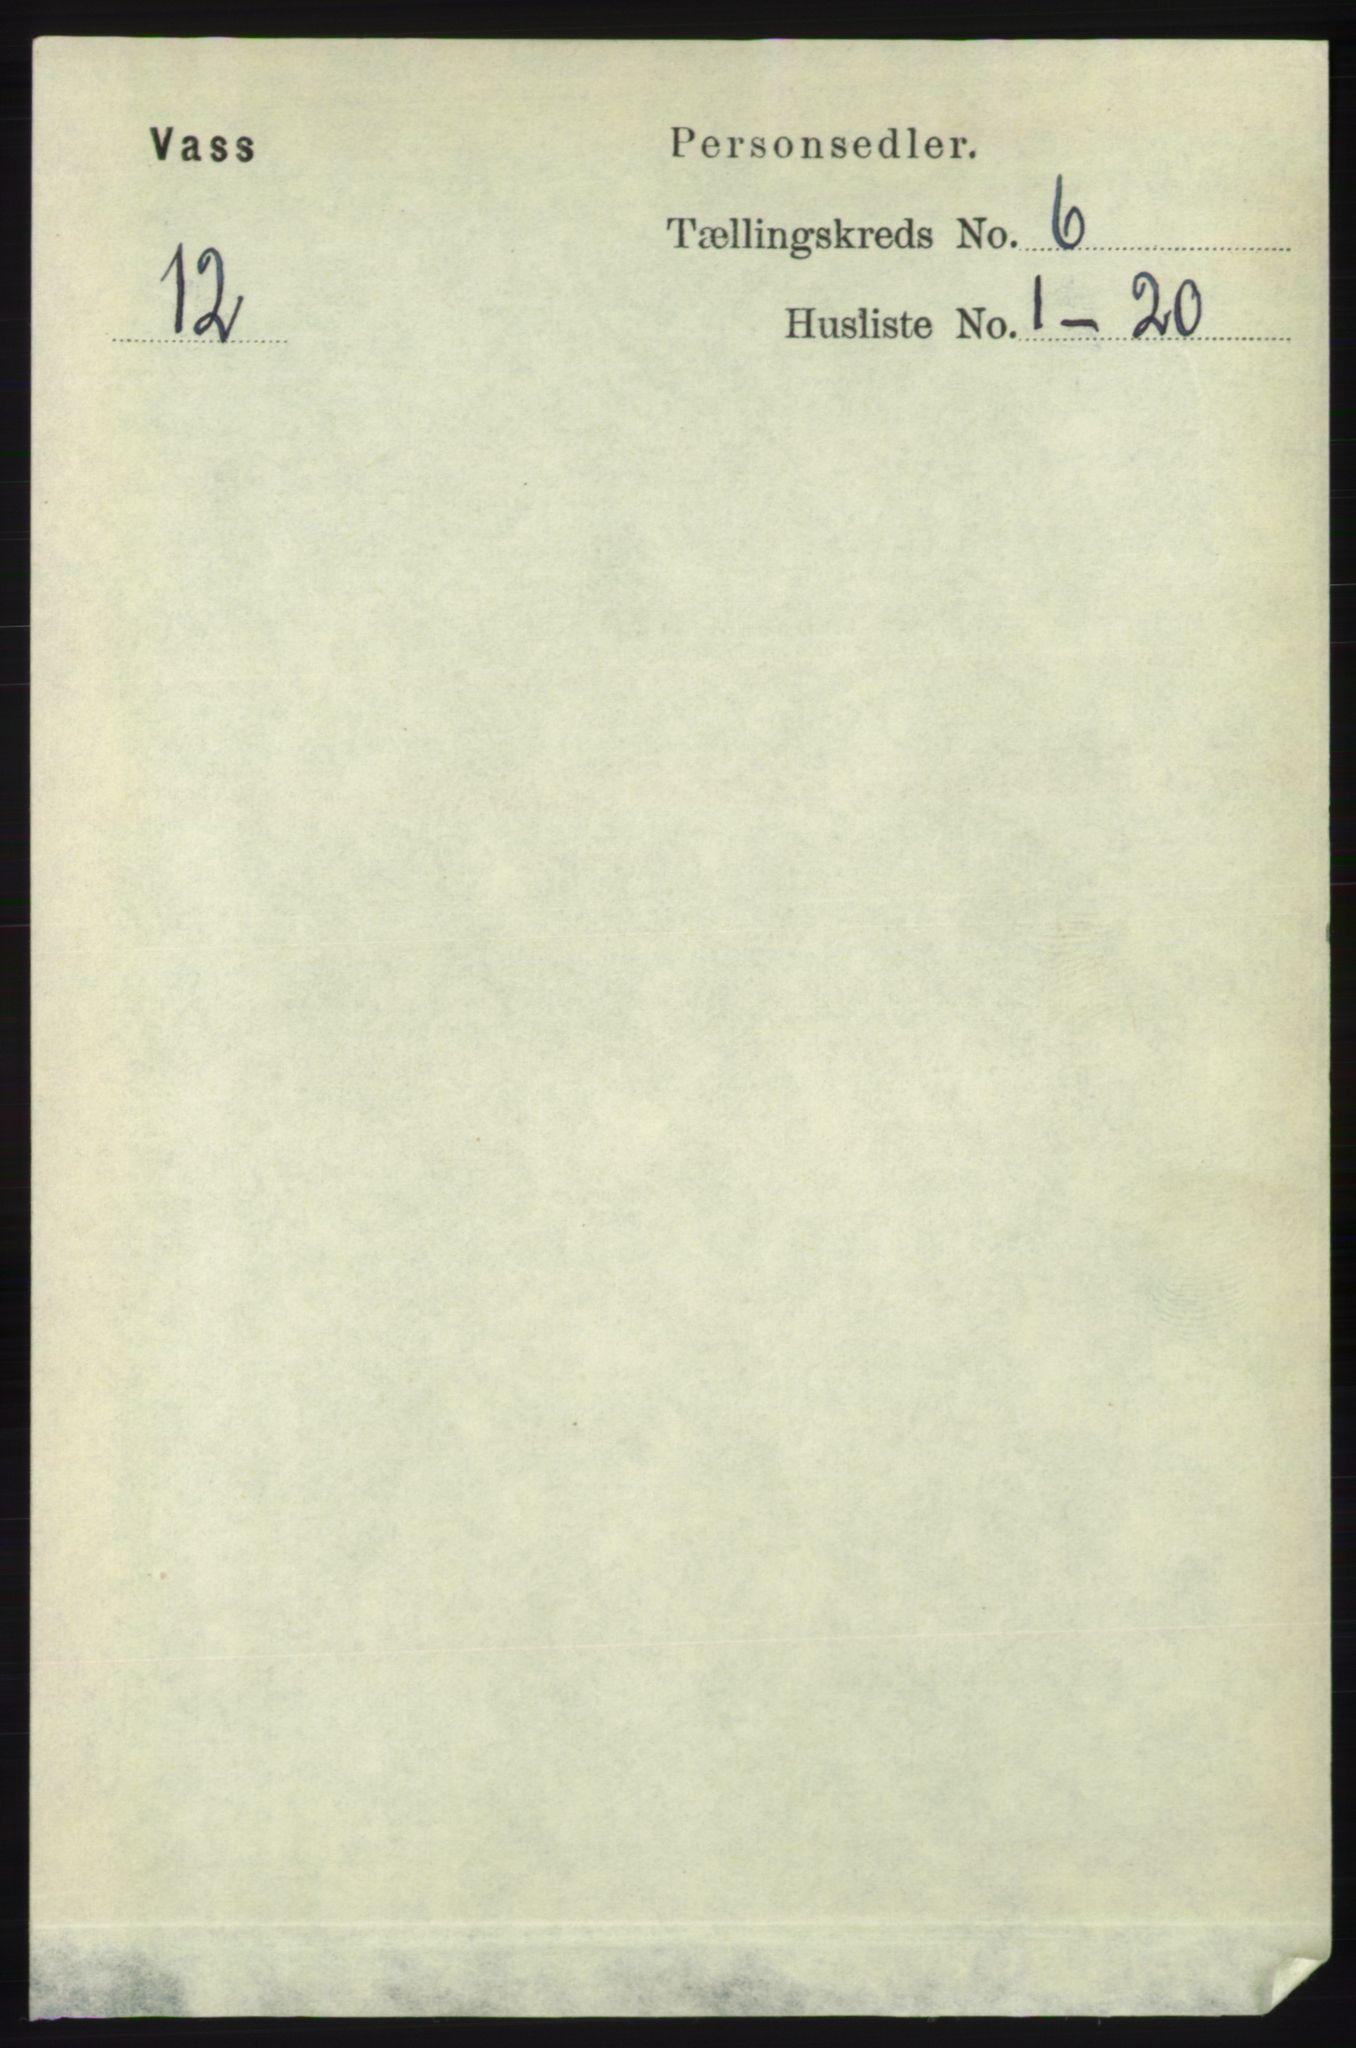 RA, Folketelling 1891 for 1155 Vats herred, 1891, s. 947